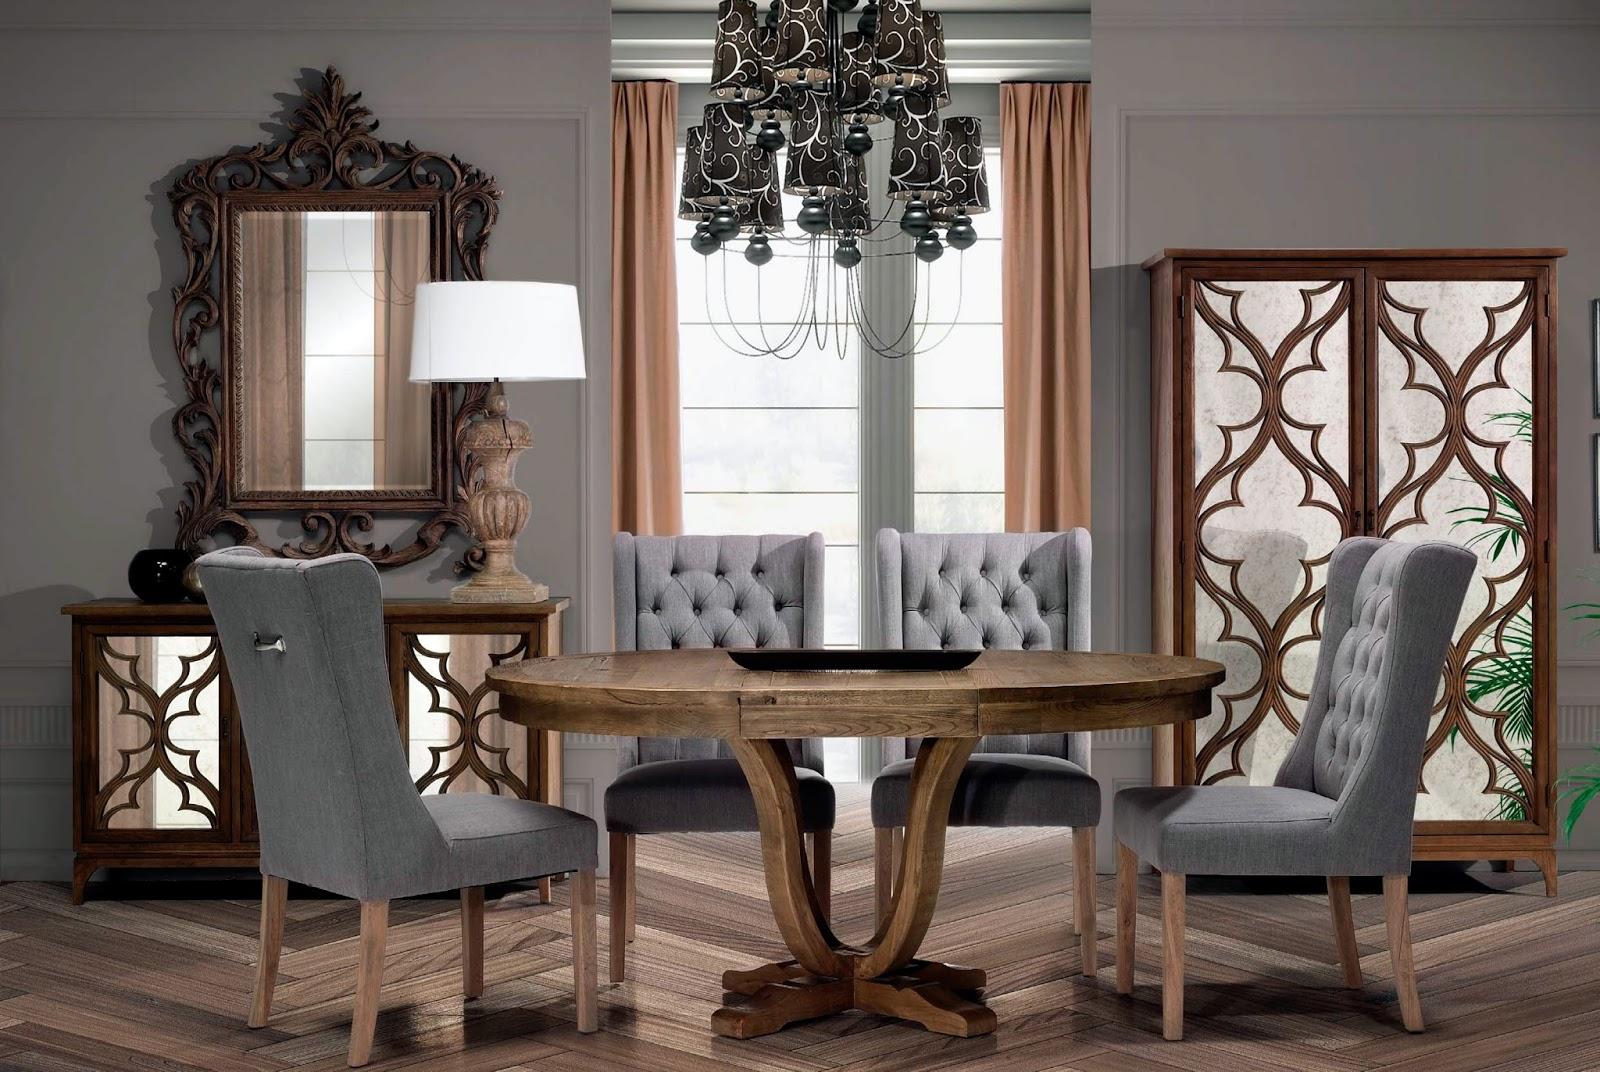 Muebles de comedor 10 comedores con vitrina for Decoracion para muebles de comedor